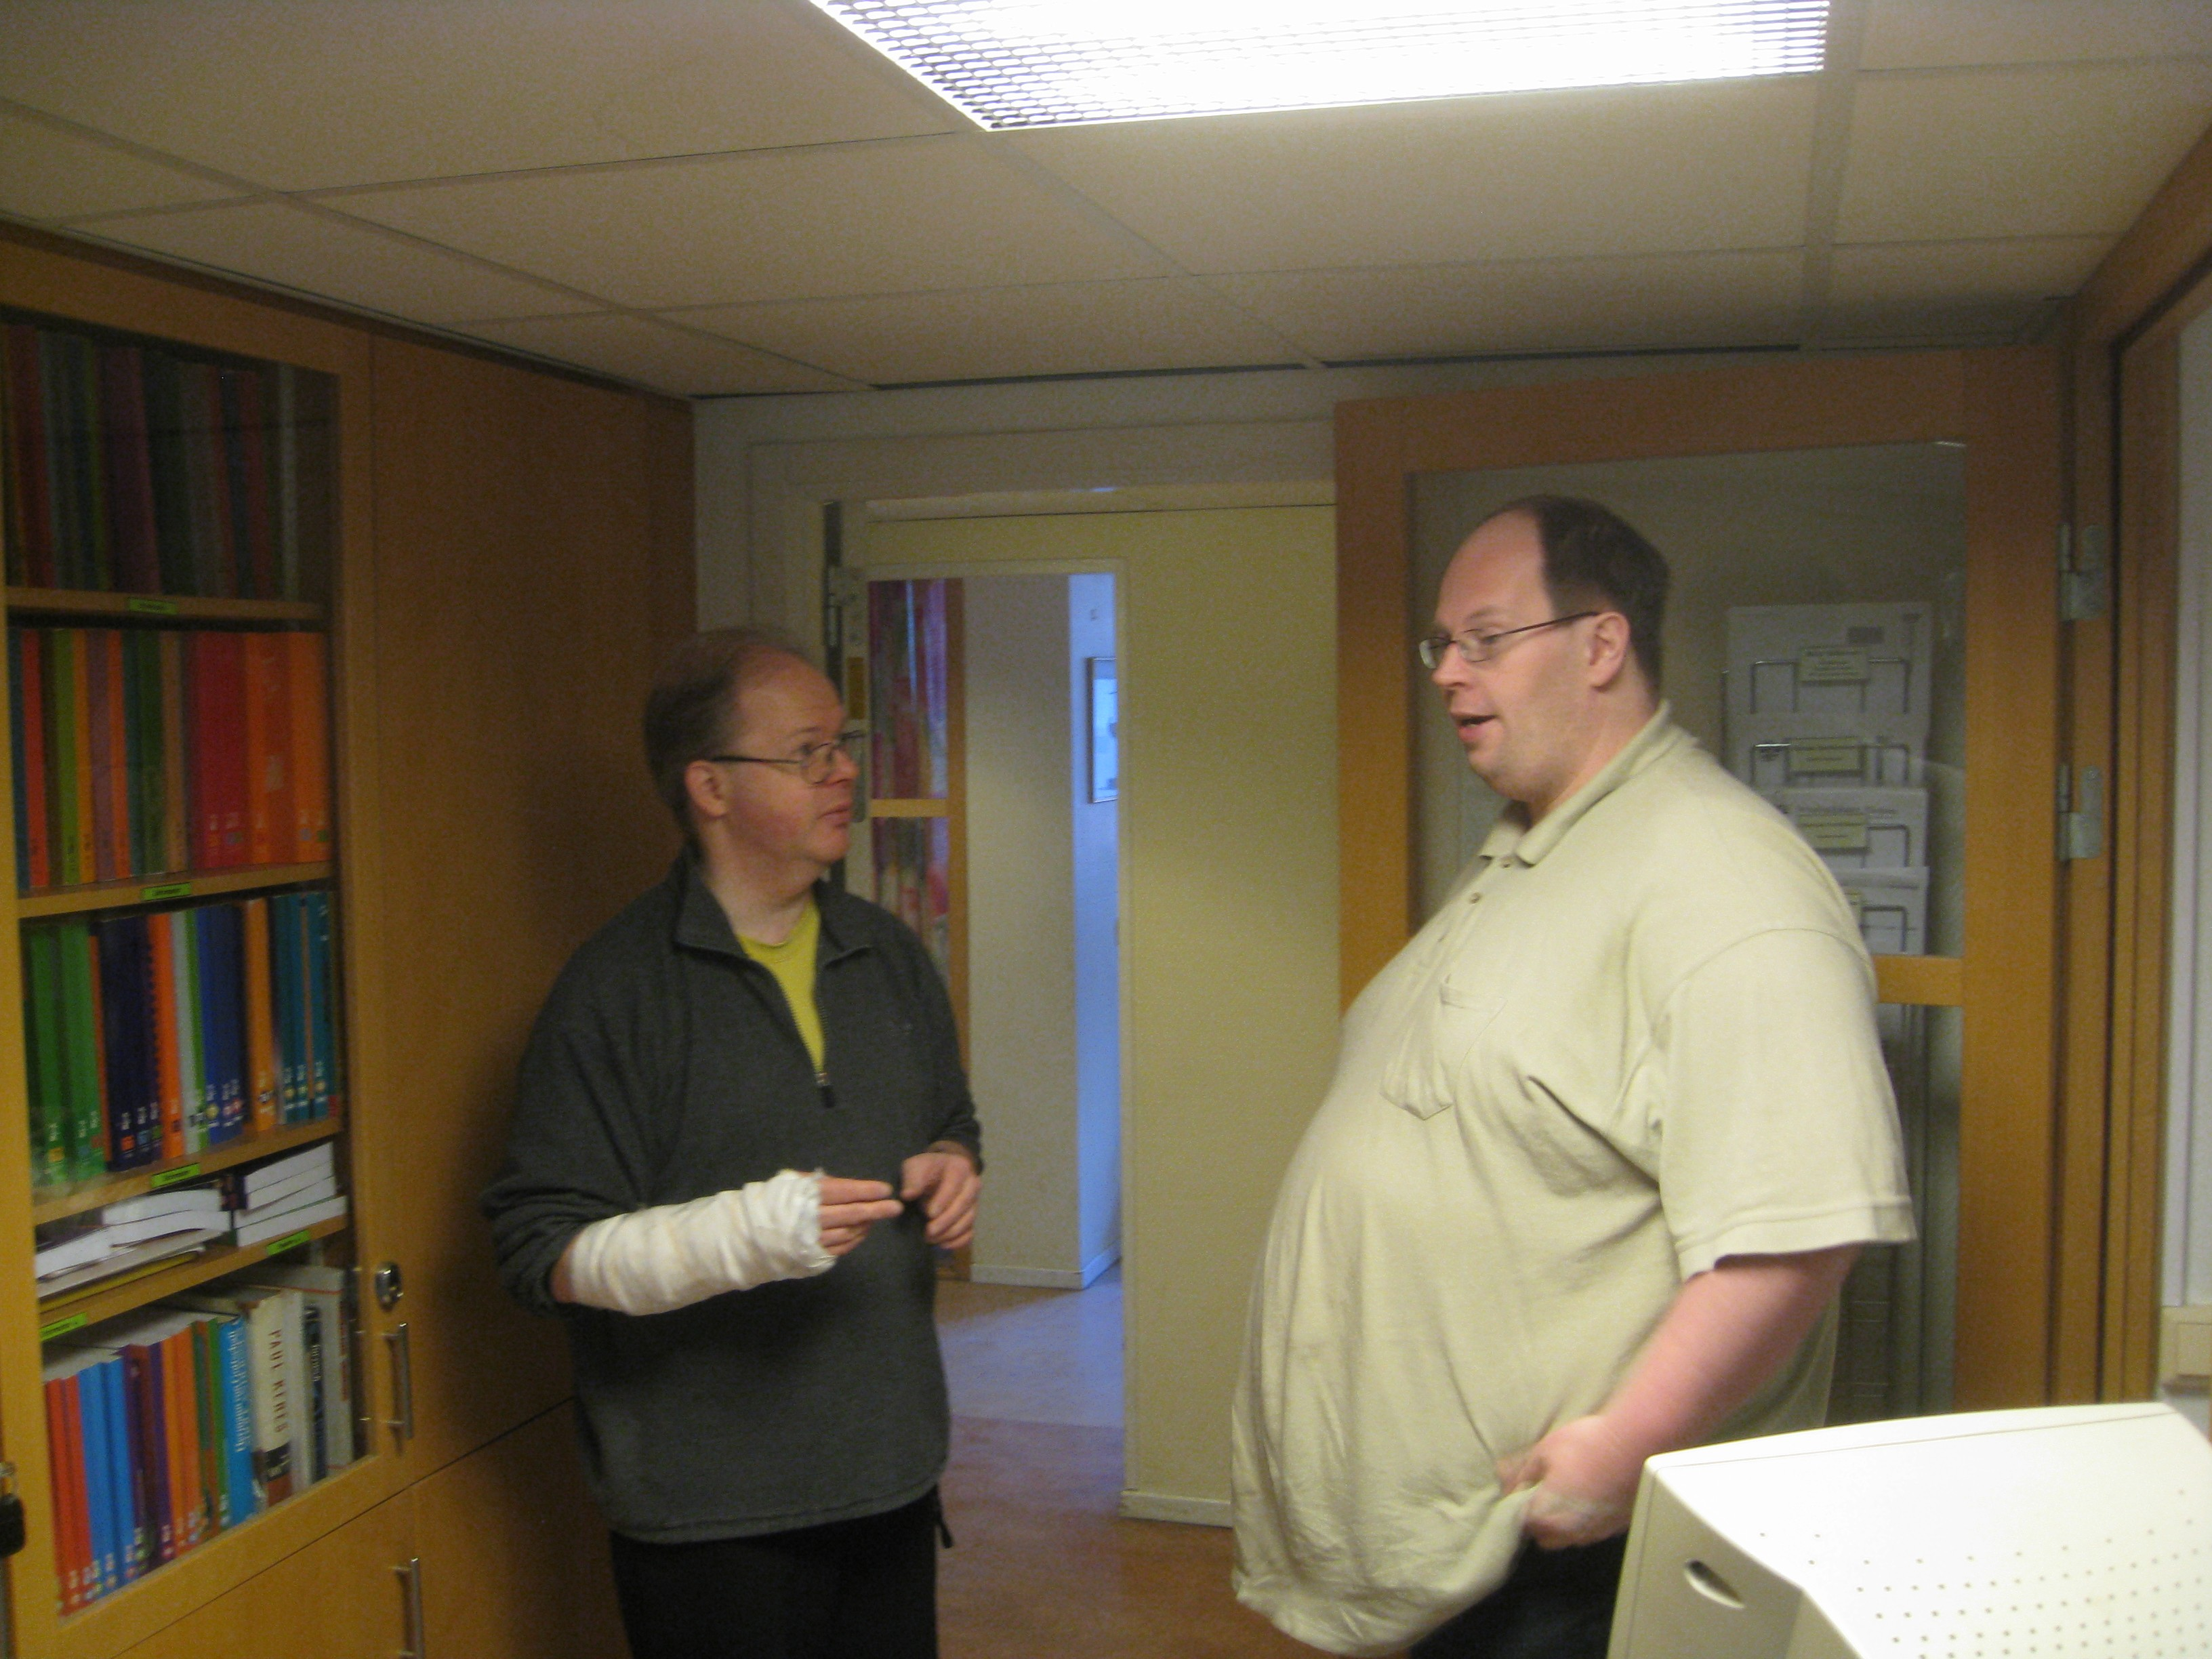 Domaren, tillika Cs-ledamoten, Håkan Winfridsson i samspråk med en något justerad Mats Eriksson.